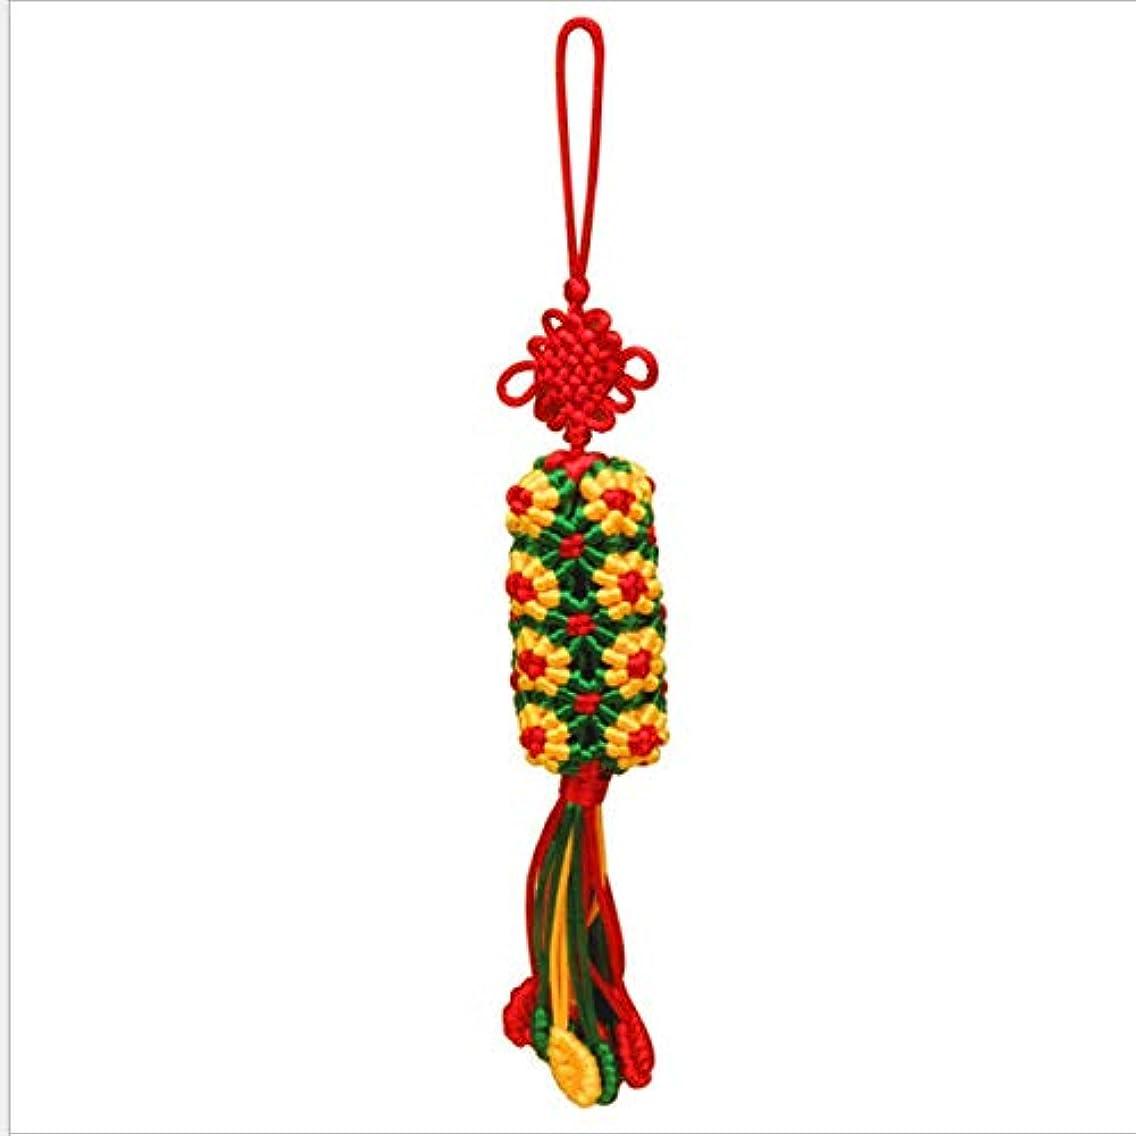 大臣流形成Qiyuezhuangshi 1パック、カラフルなロープの手編みの小さなペンダント、ひまわりのペンダント、フリンジサテンのチャイニーズノット(赤),美しいホリデーギフト (Color : Red)